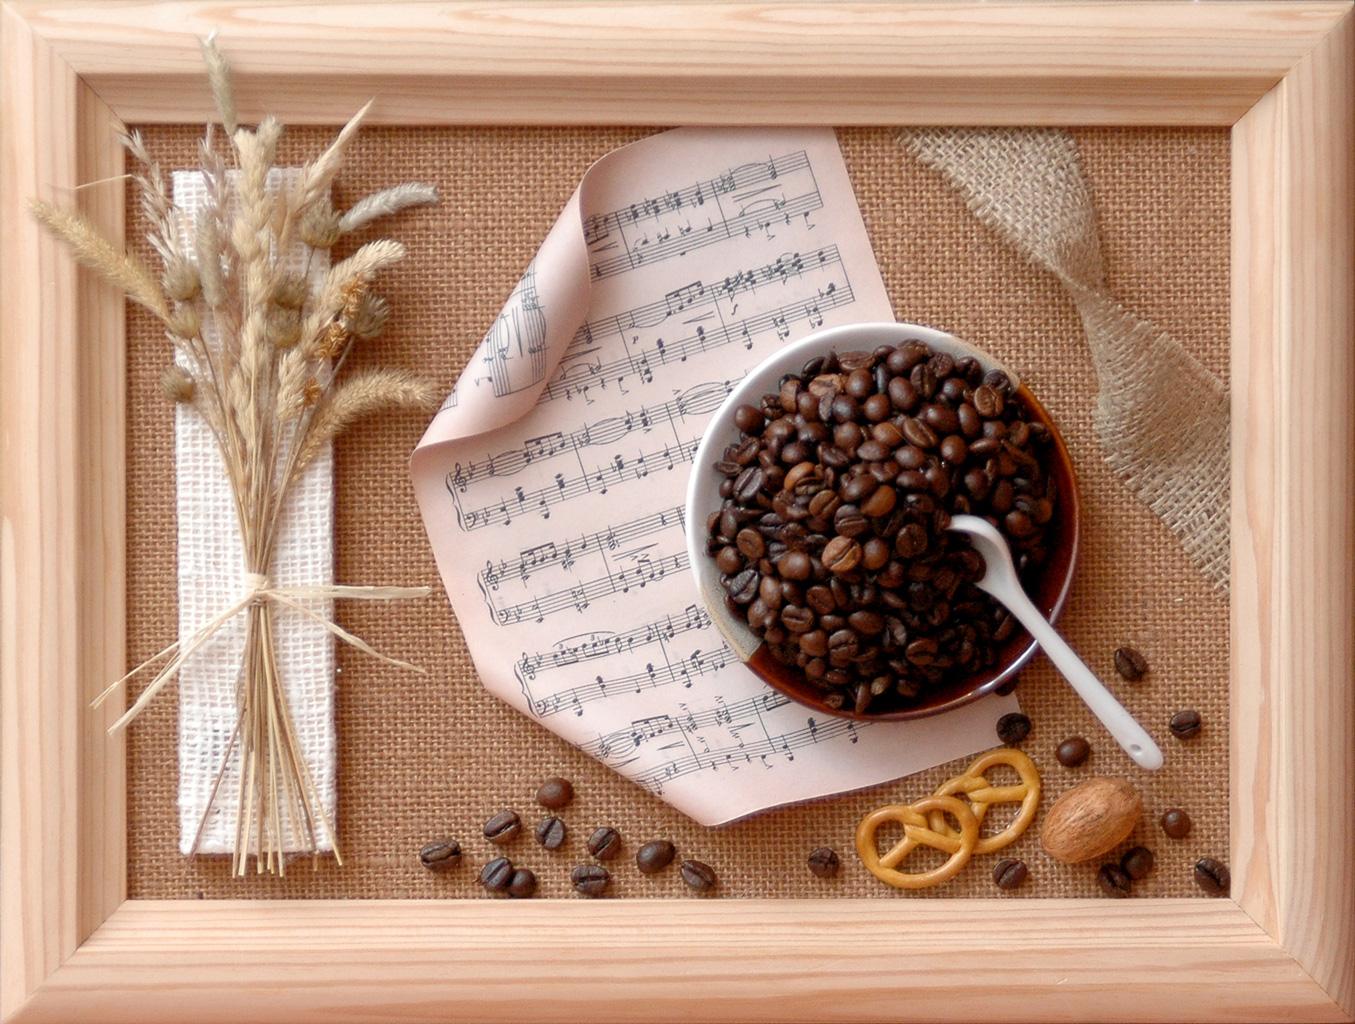 Панно декоративное из бумаги и кофе